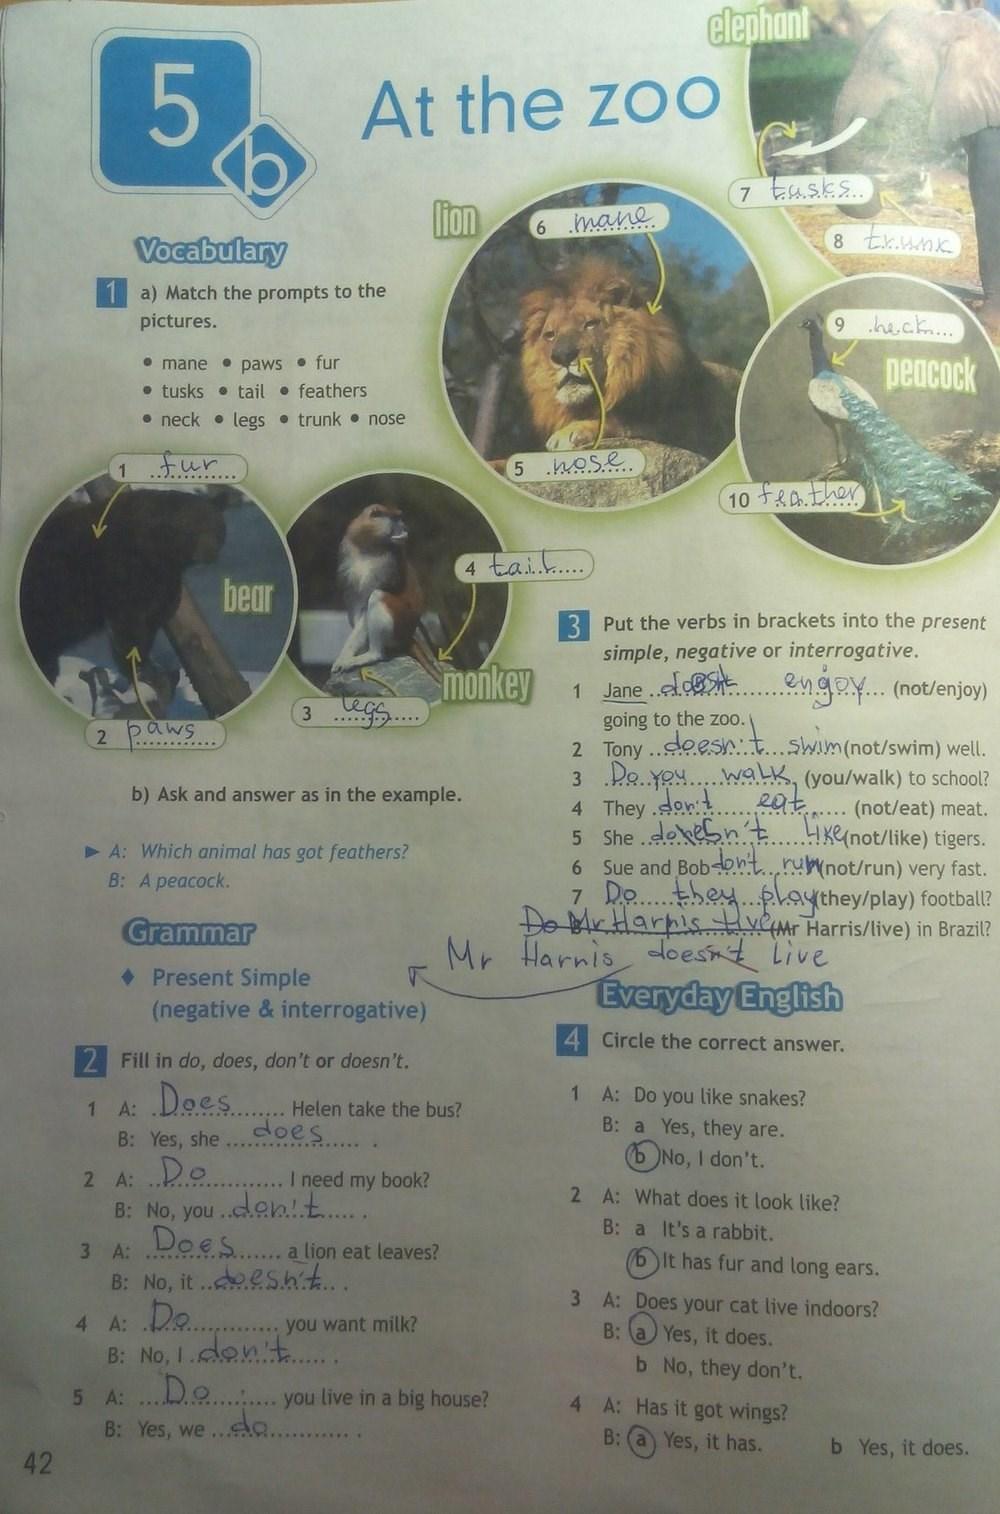 гдз английский язык рабочая тетрадь к учебнику горячевой